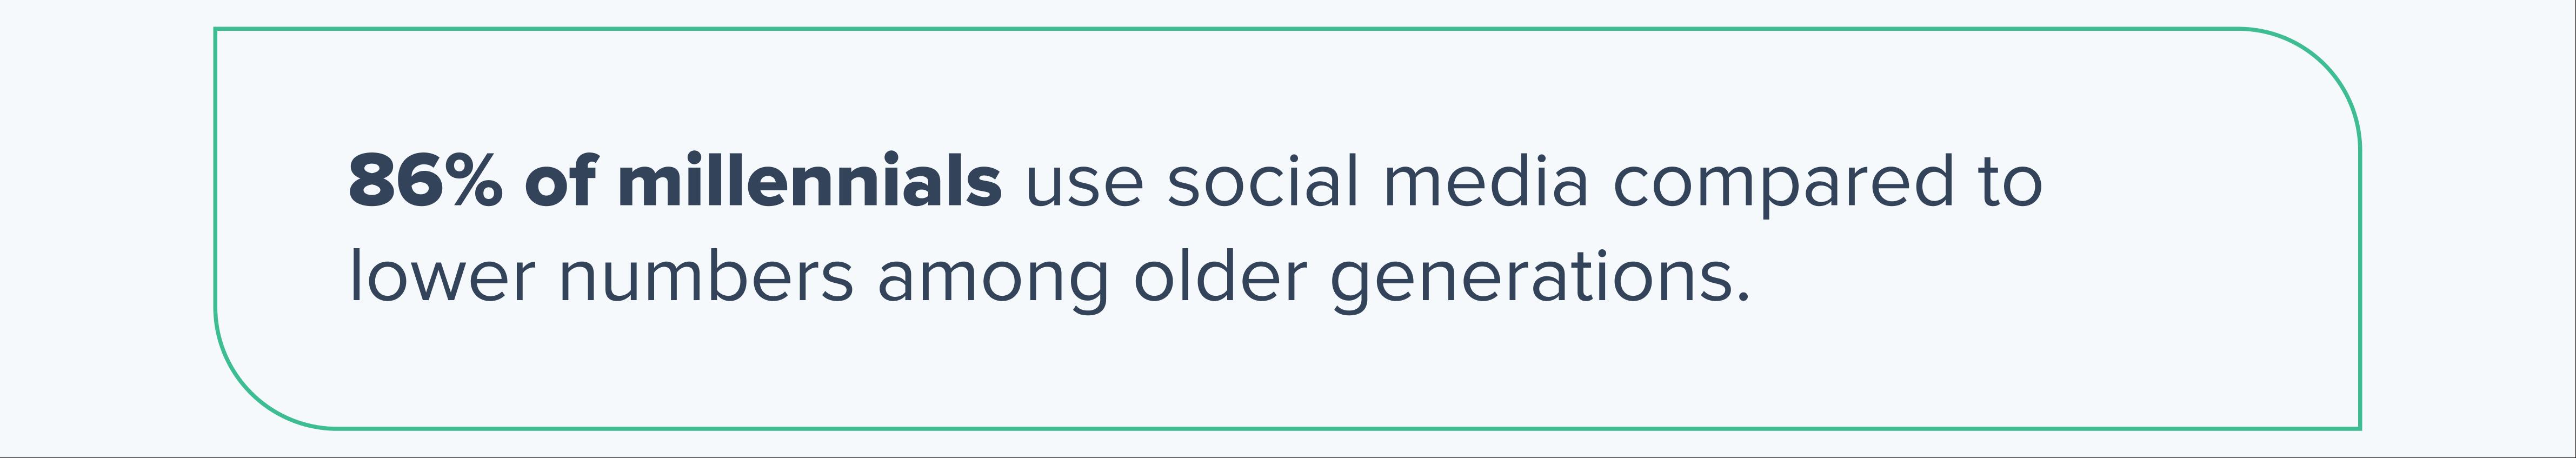 86% ol millennials use social media